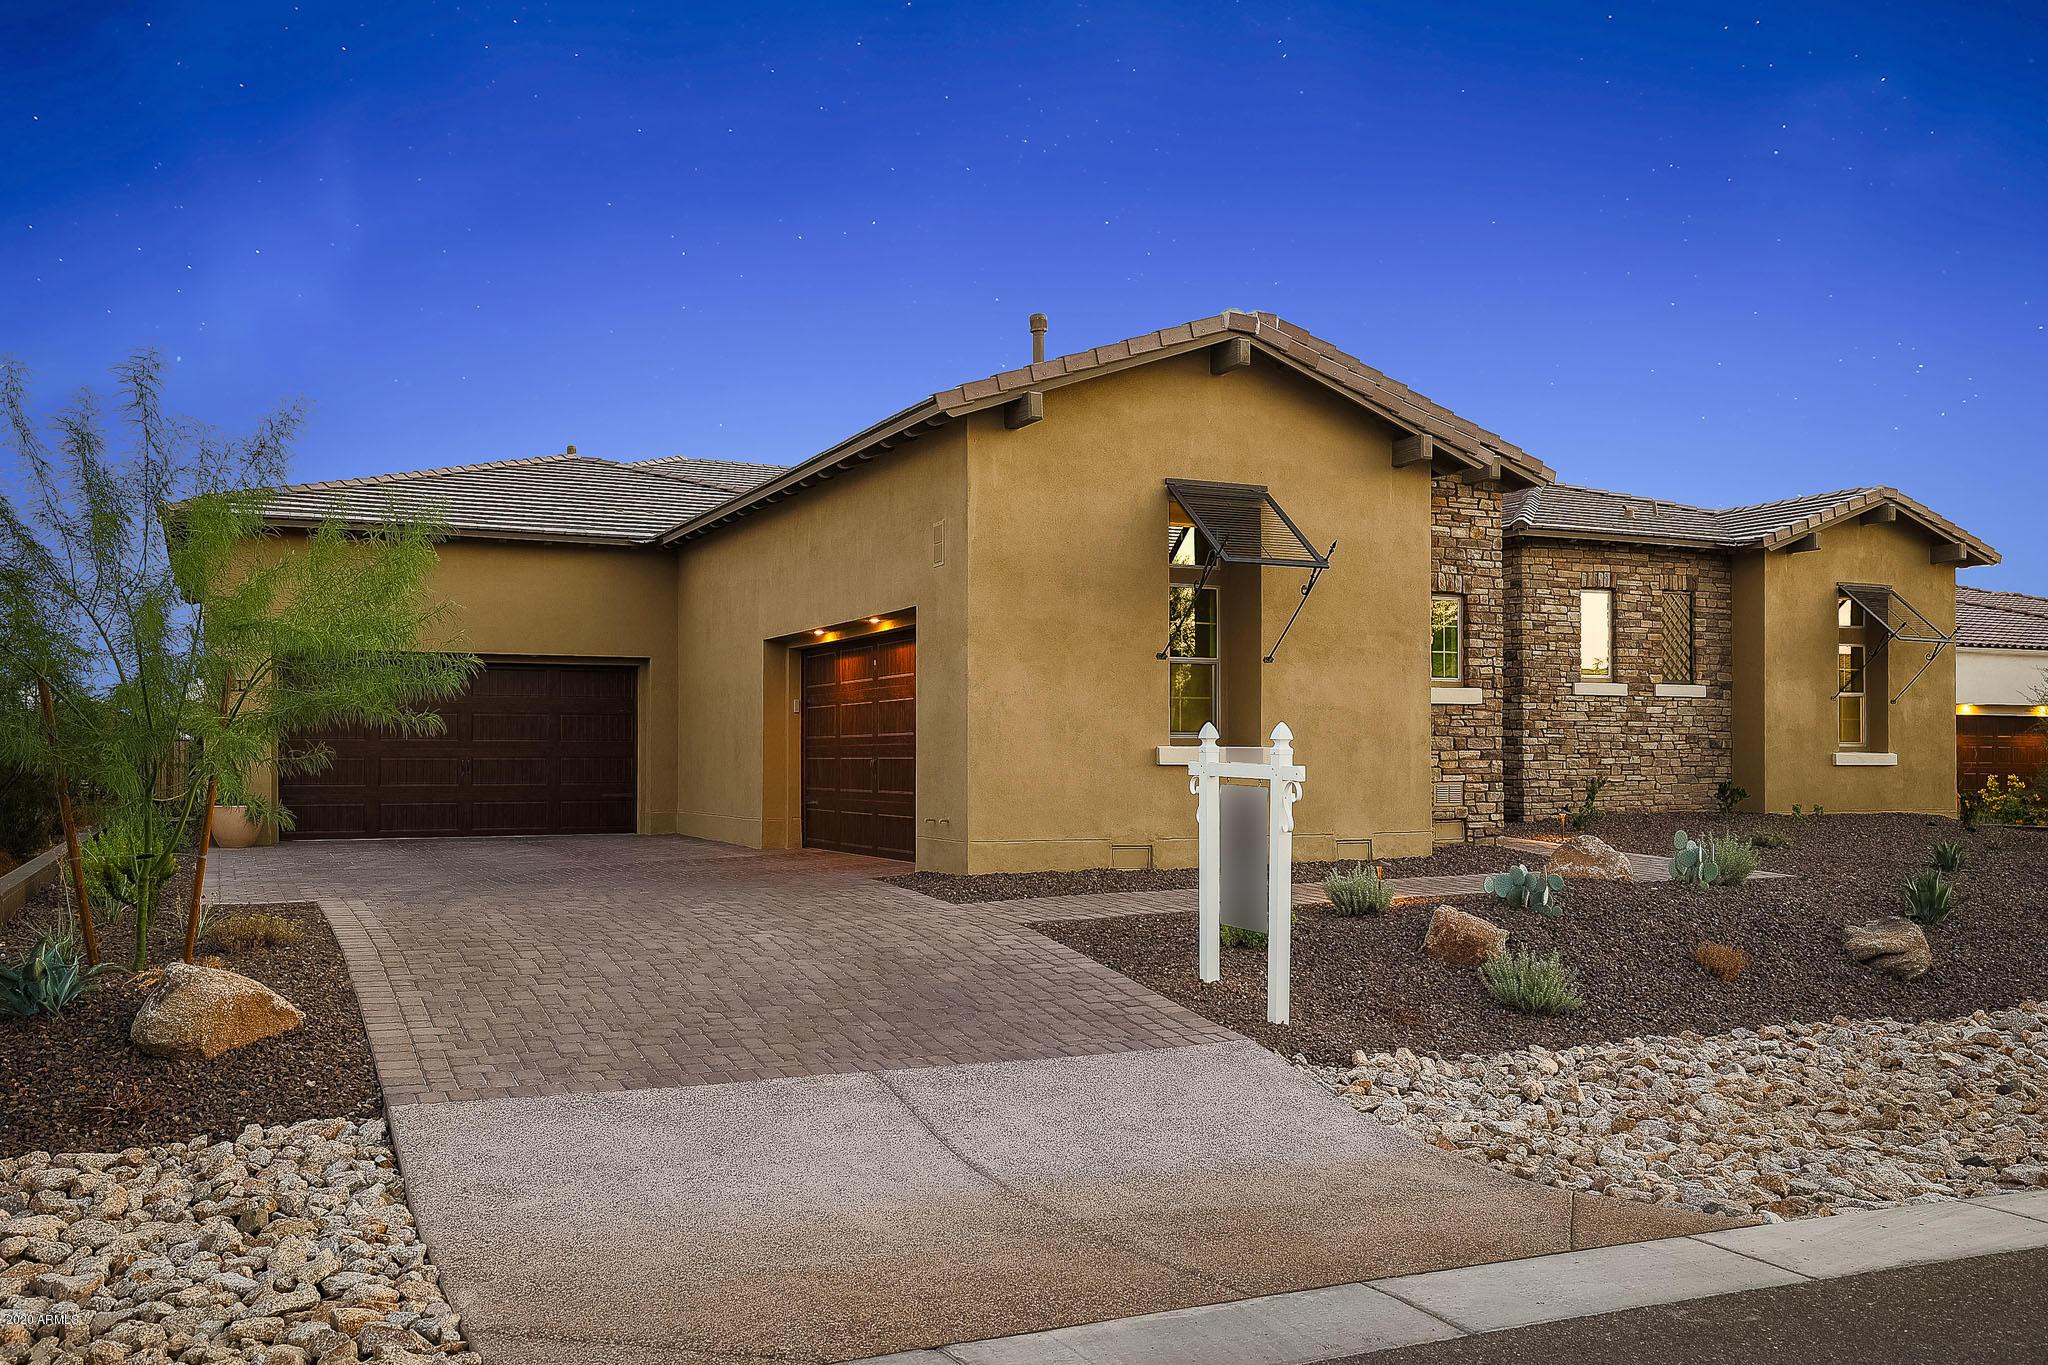 MLS 6127997 5415 E DEW DROP Trail, Cave Creek, AZ 85331 Cave Creek AZ Newly Built